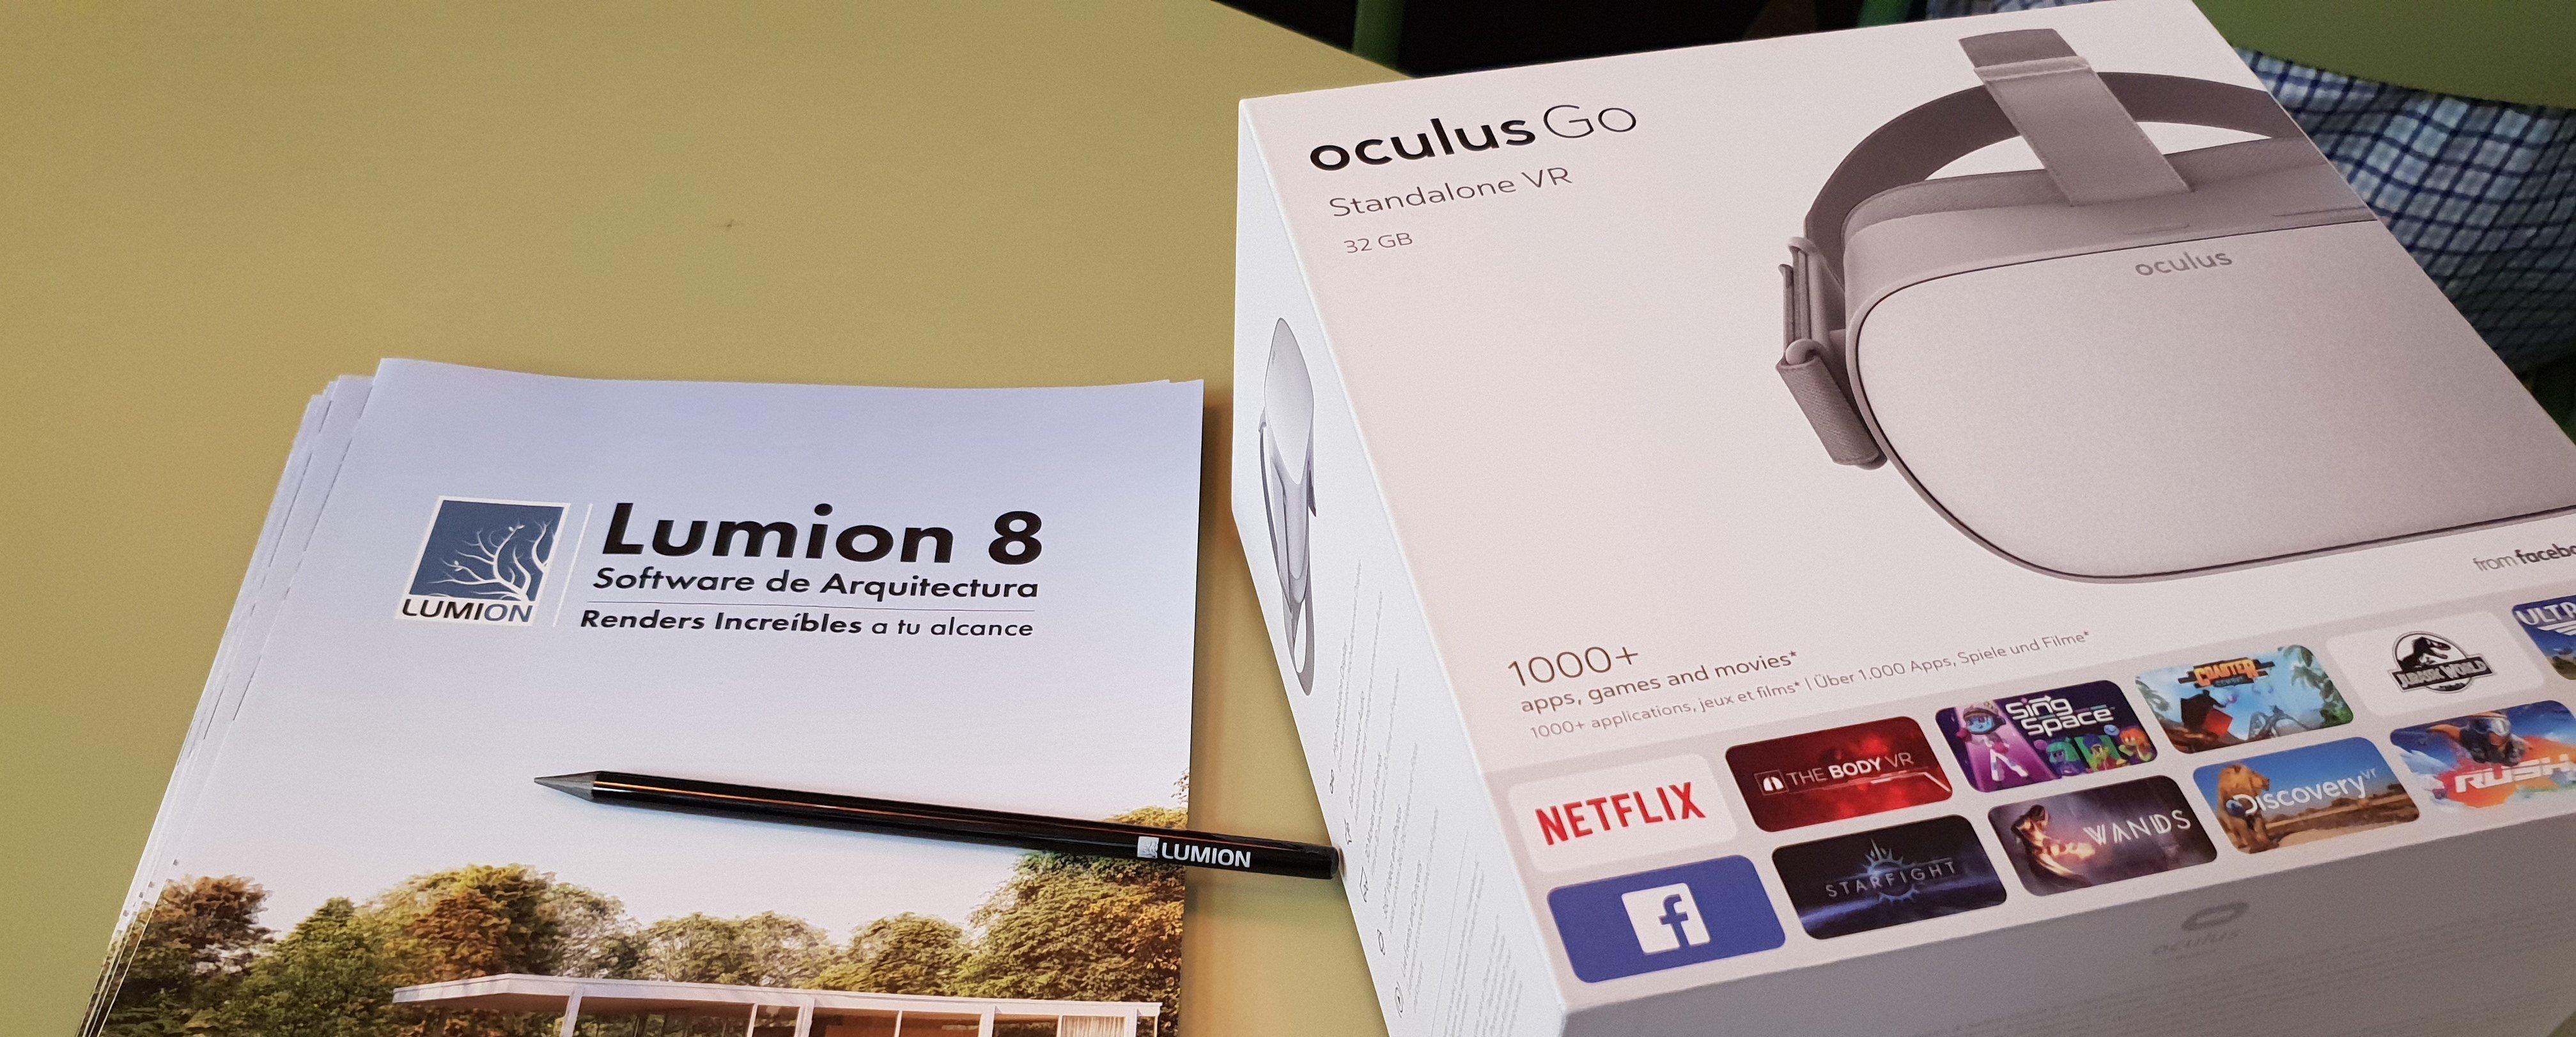 Visualiza los renders en Lumion con Oculus Go y VR